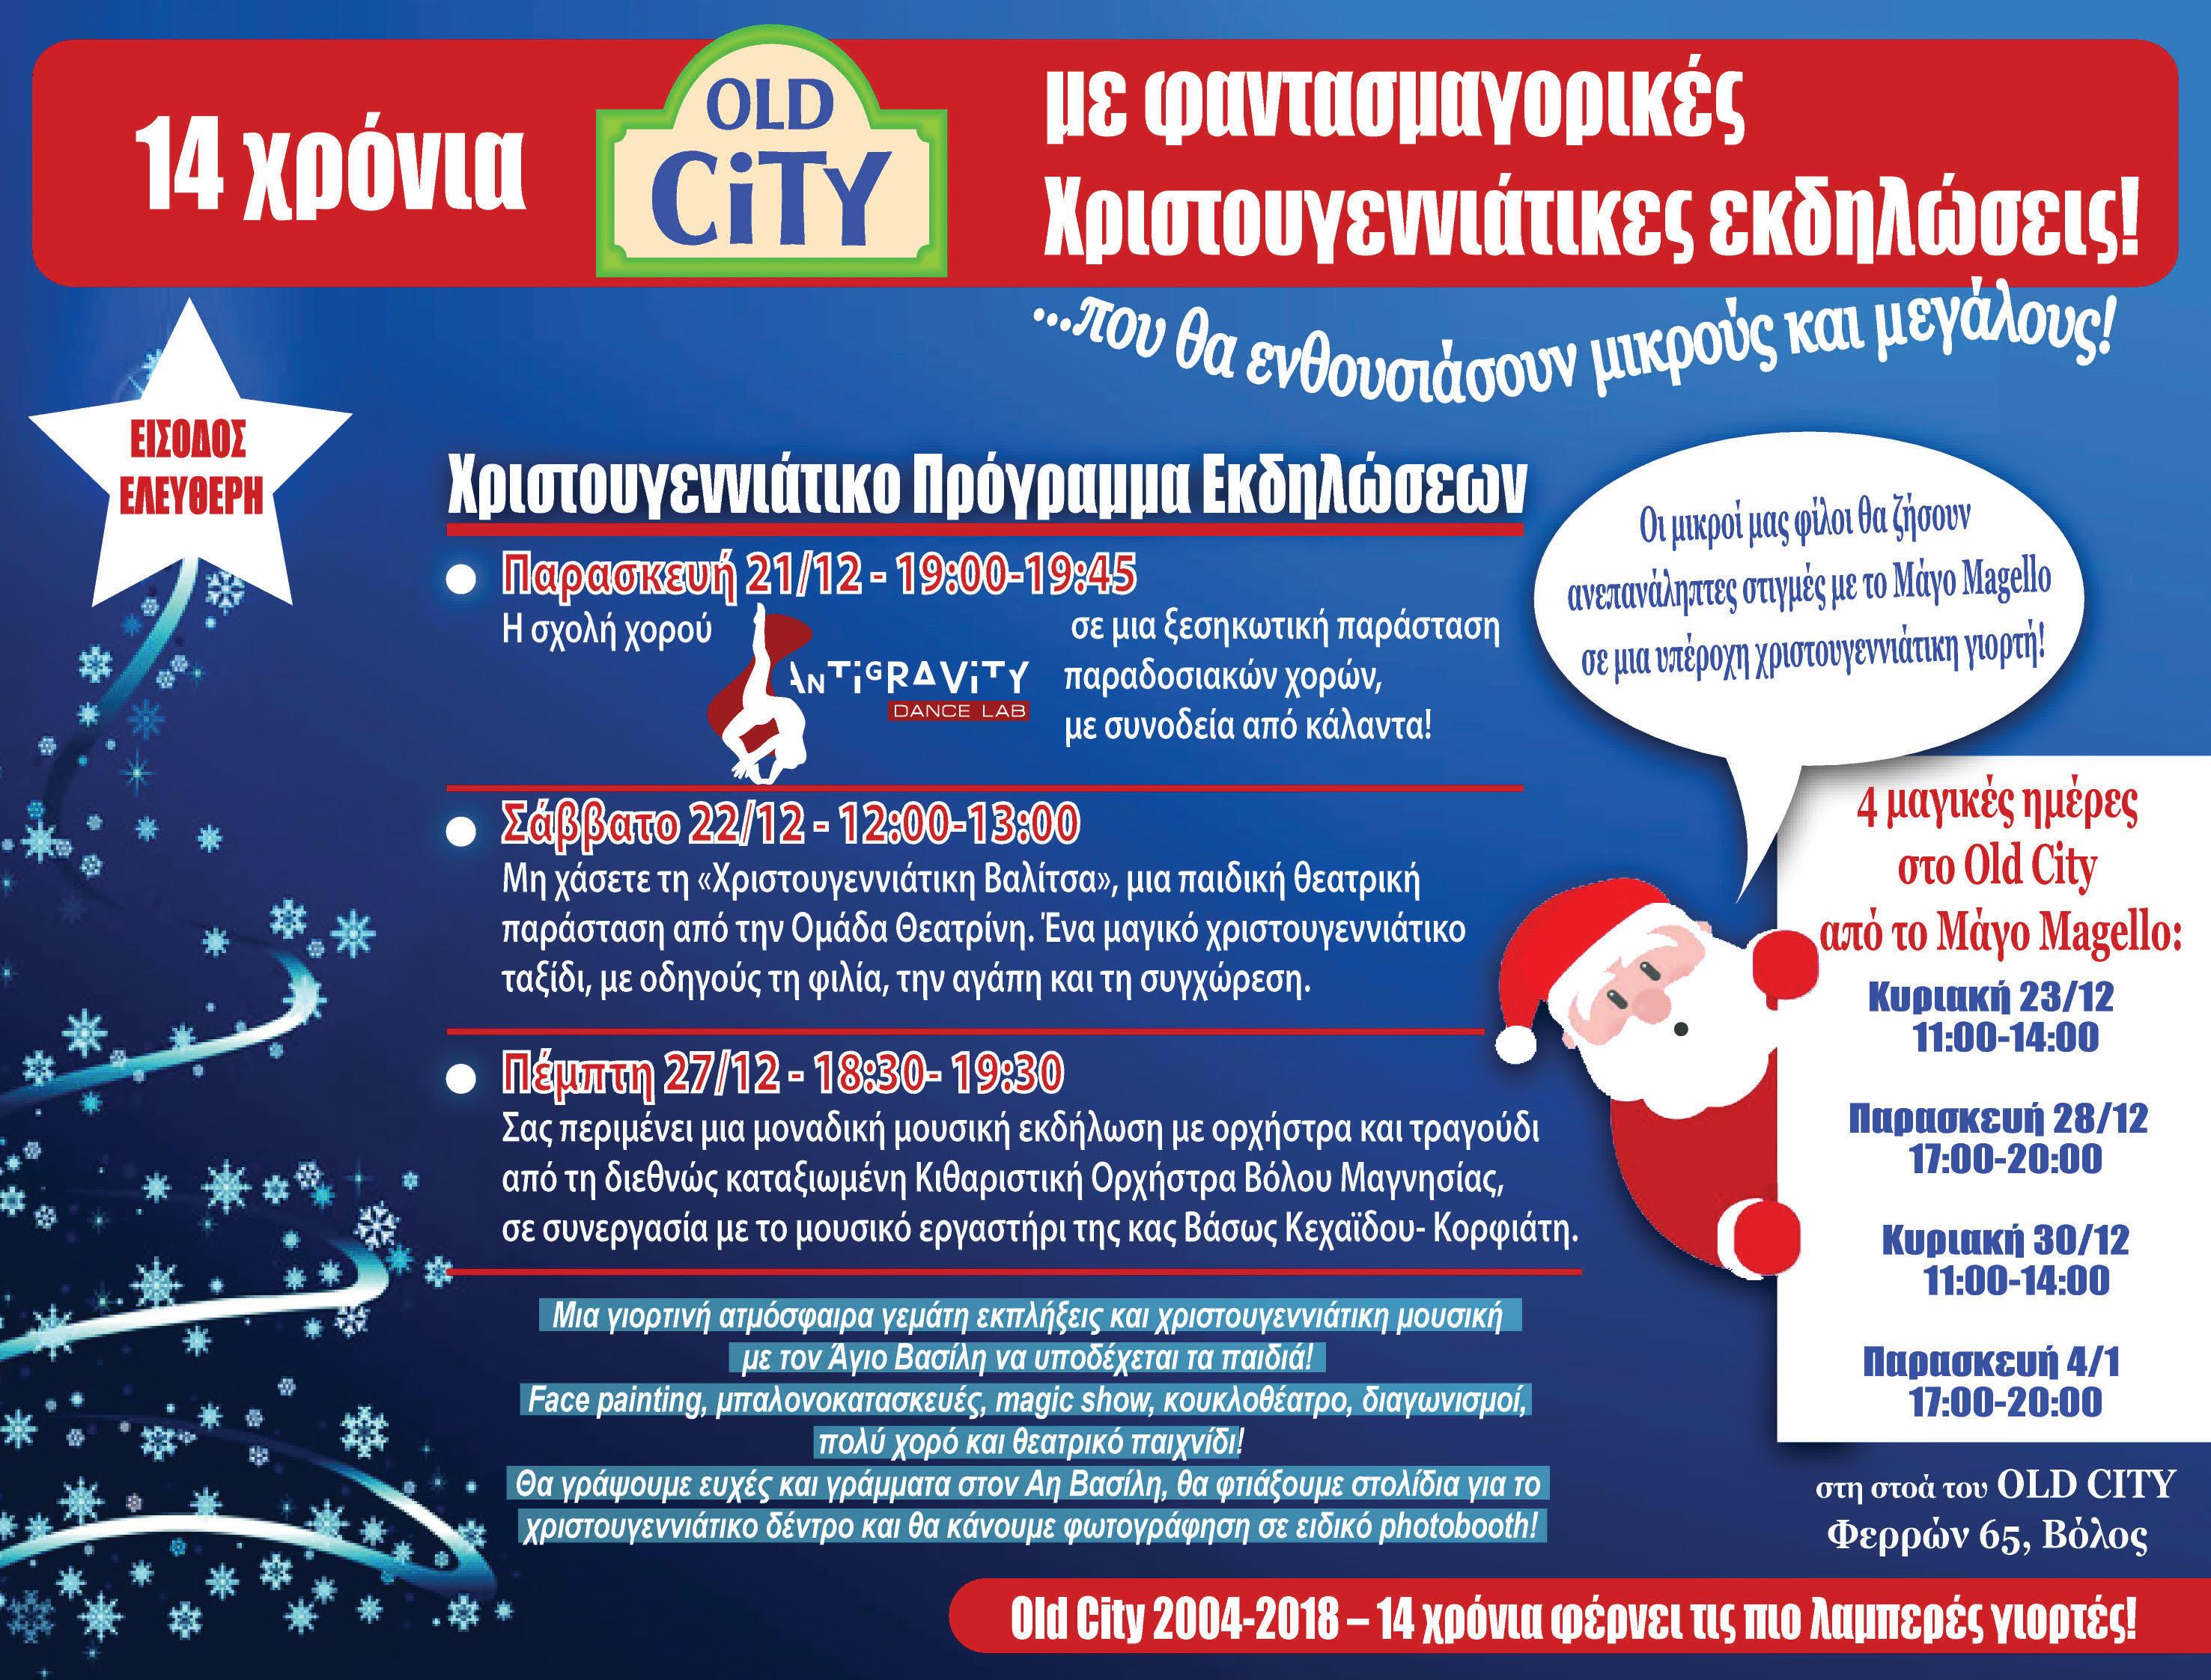 Χριστουγεννιάτικο Πρόγραμμα Εκδηλώσεων Old City!